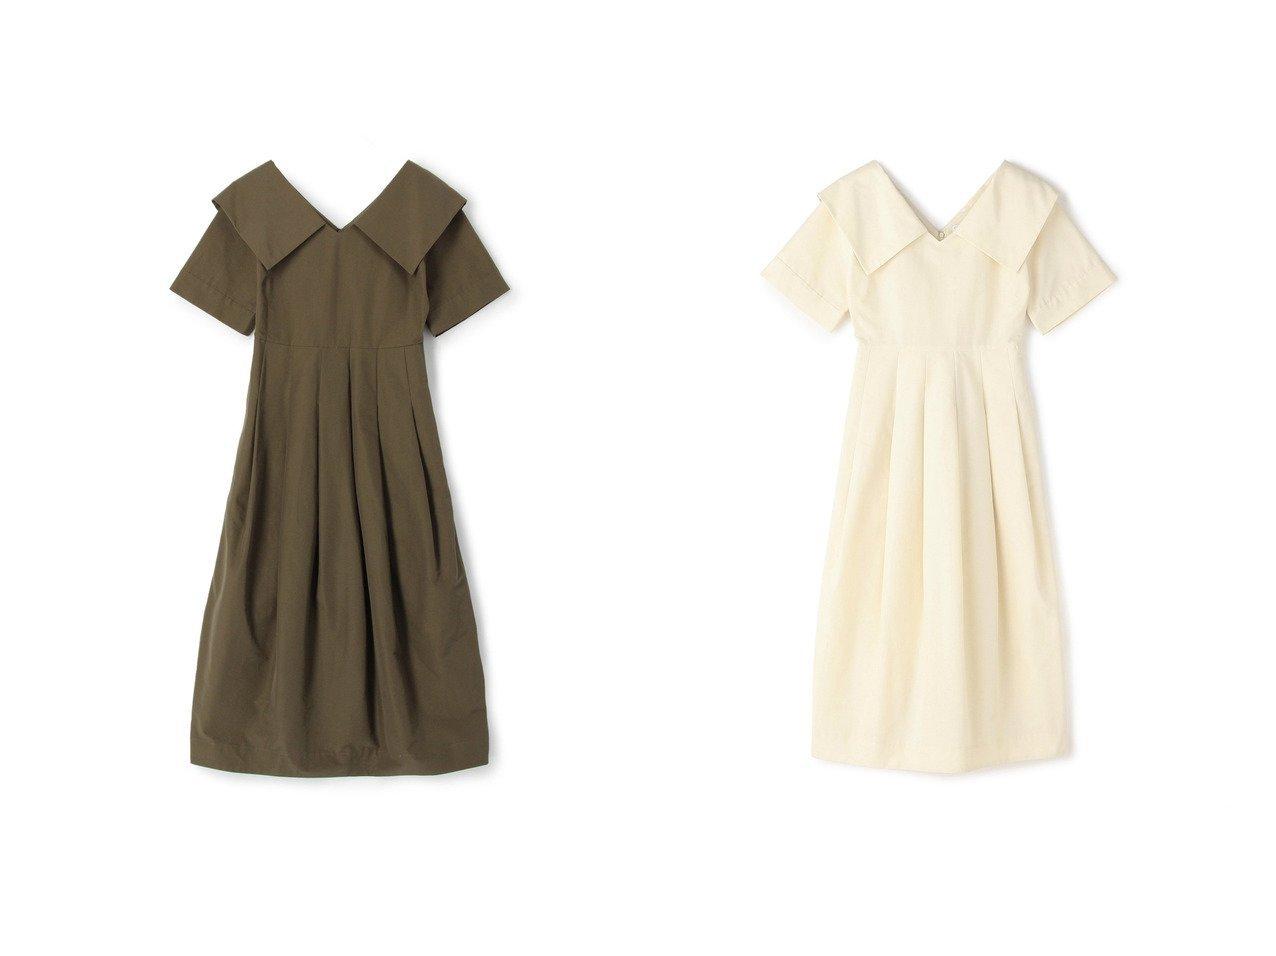 【COLUMN/カラム】のビッグカラーワンピース おすすめ!人気、トレンド・レディースファッションの通販 おすすめで人気の流行・トレンド、ファッションの通販商品 メンズファッション・キッズファッション・インテリア・家具・レディースファッション・服の通販 founy(ファニー) https://founy.com/ ファッション Fashion レディースファッション WOMEN ワンピース Dress コレクション コンシャス シェイプ ジャケット セットアップ ドレープ ファブリック フォルム ボトム 再入荷 Restock/Back in Stock/Re Arrival |ID:crp329100000012689